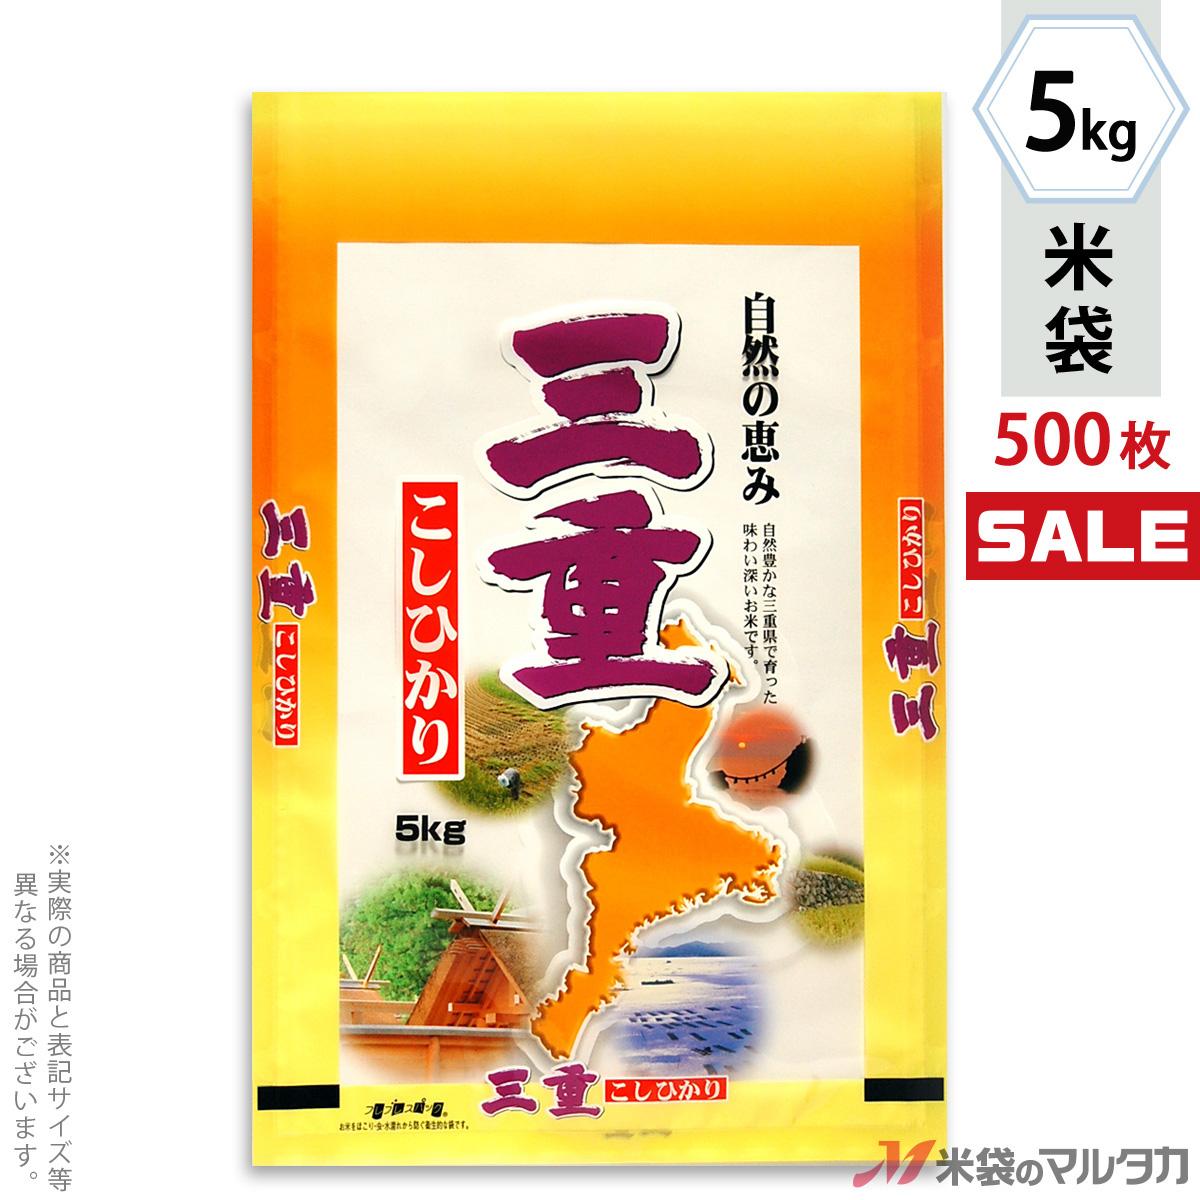 <キャンペーン対応>米袋 ラミ フレブレス 三重産こしひかり 三重の風 5kg 1ケース(500枚入) MN-7830